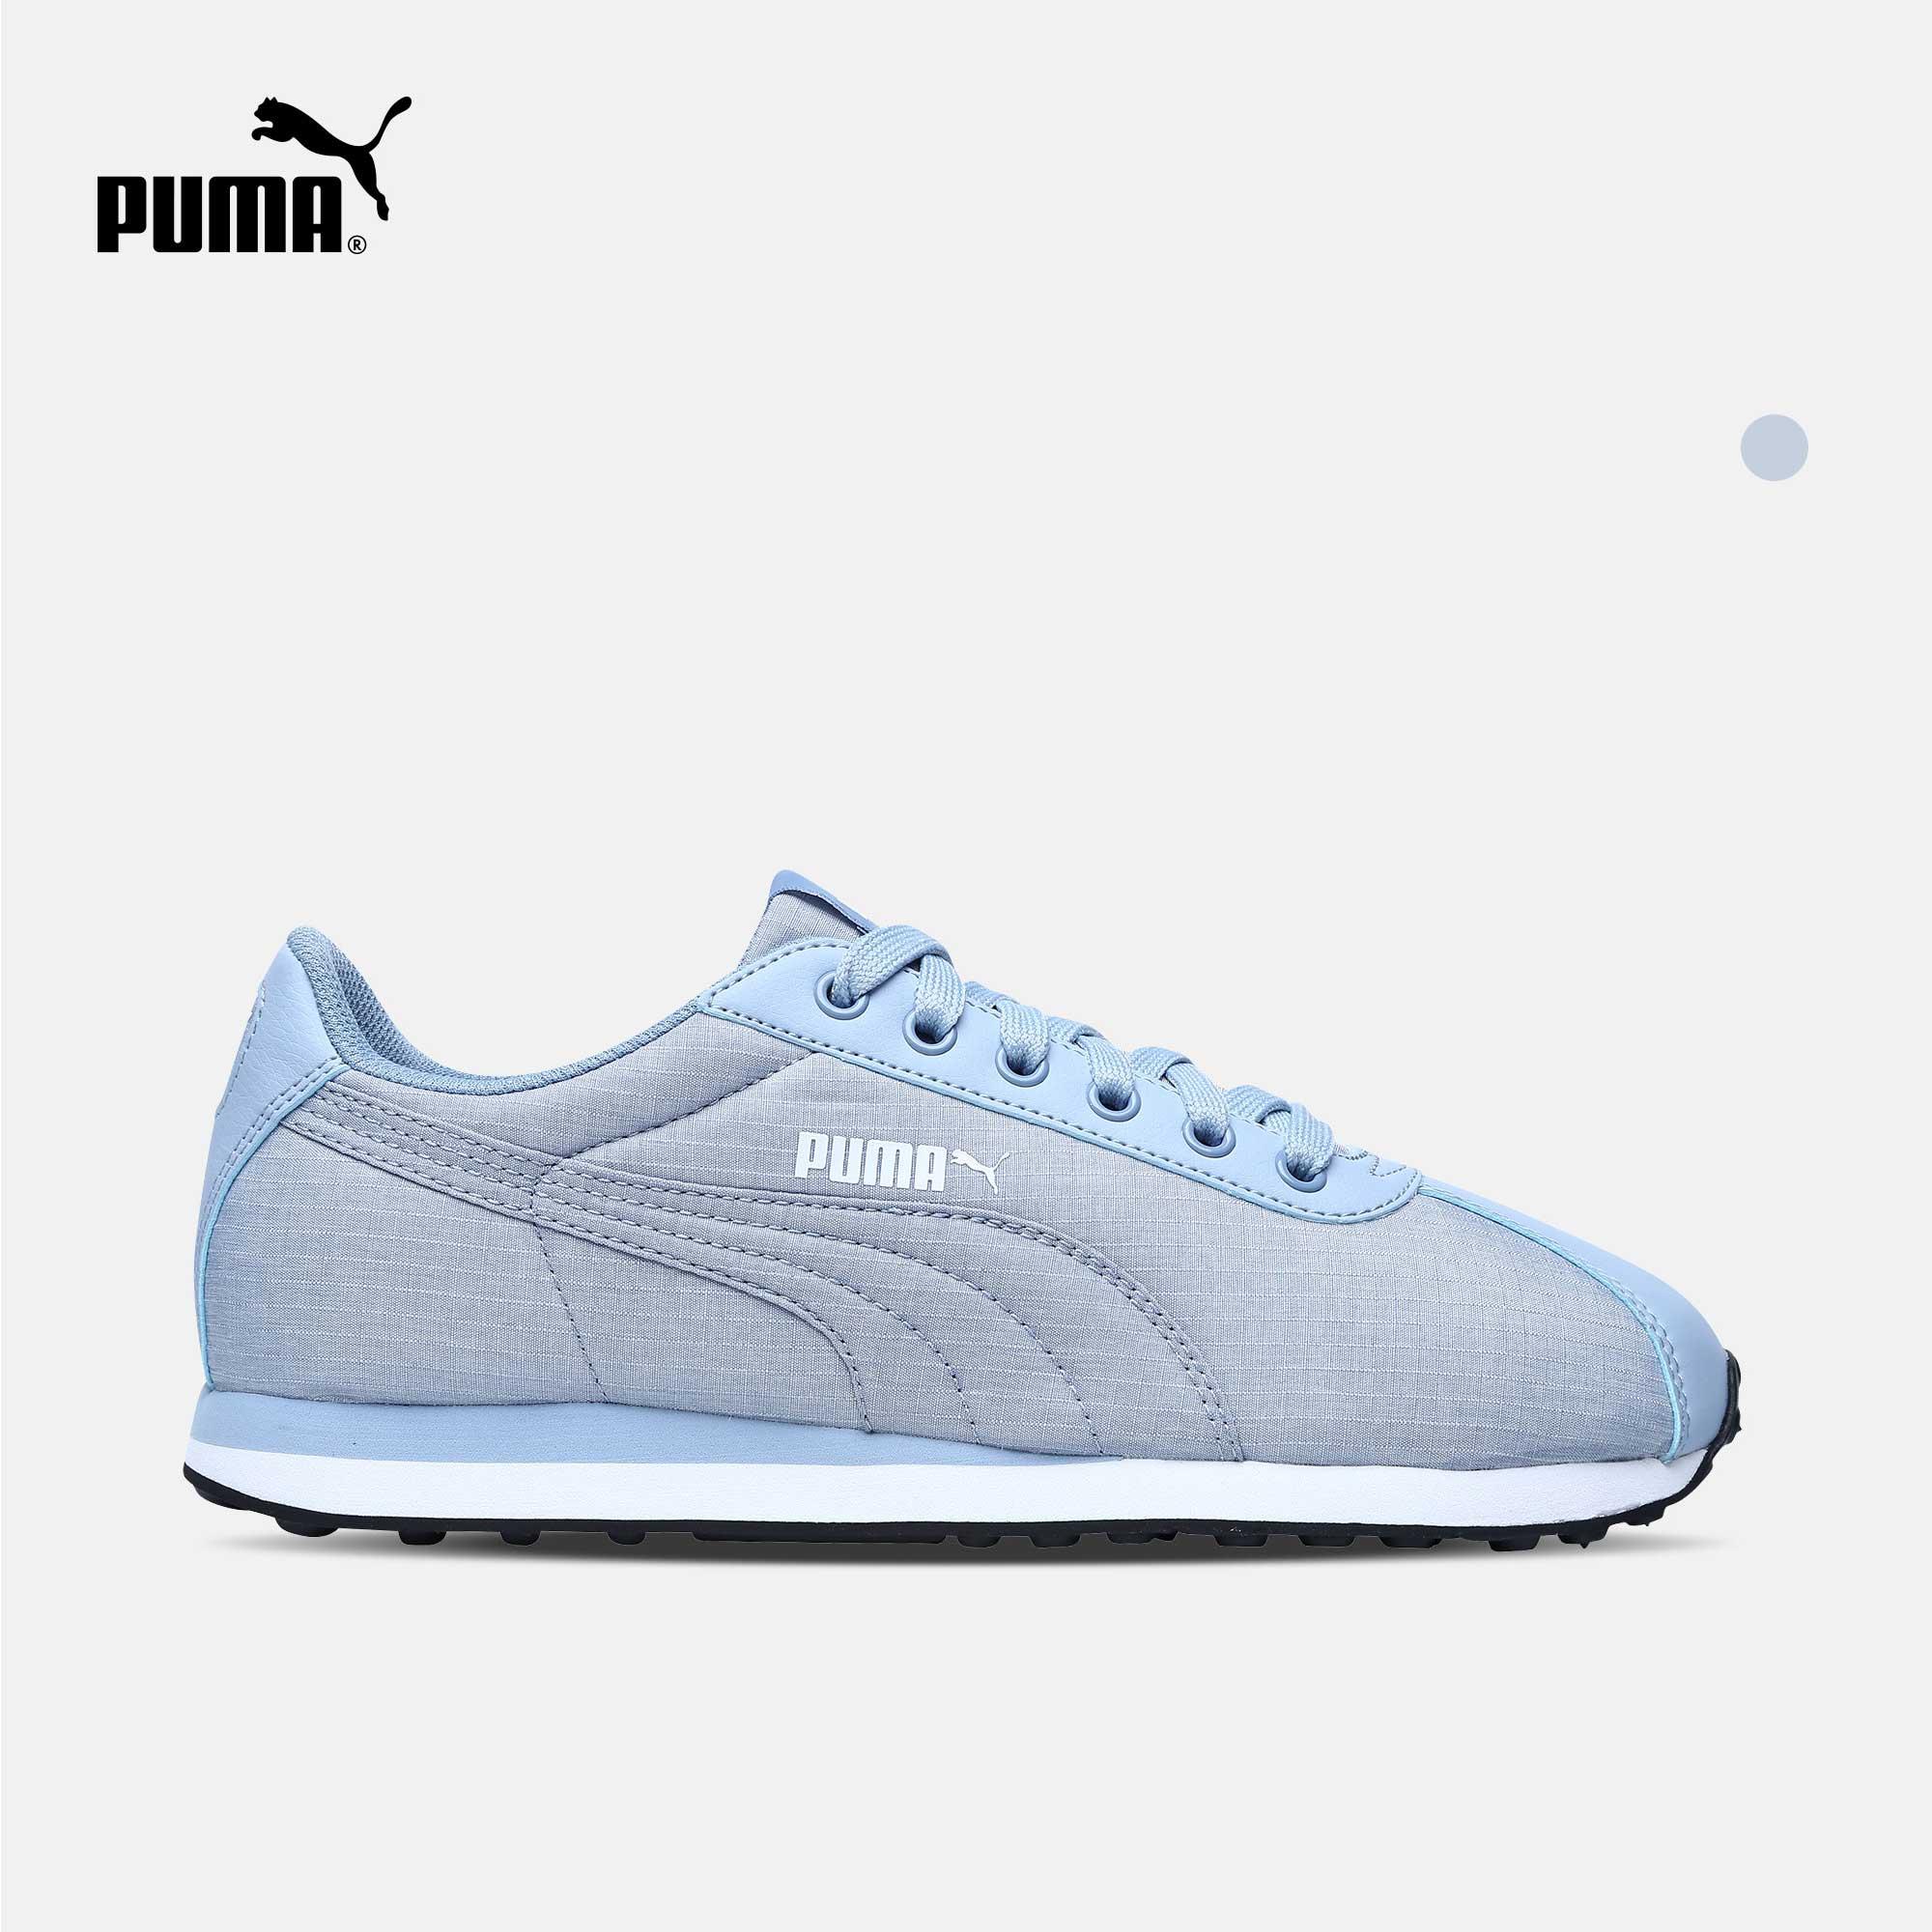 PUMA彪马官方 男女同款拼色休闲鞋 Turin Etch 363614